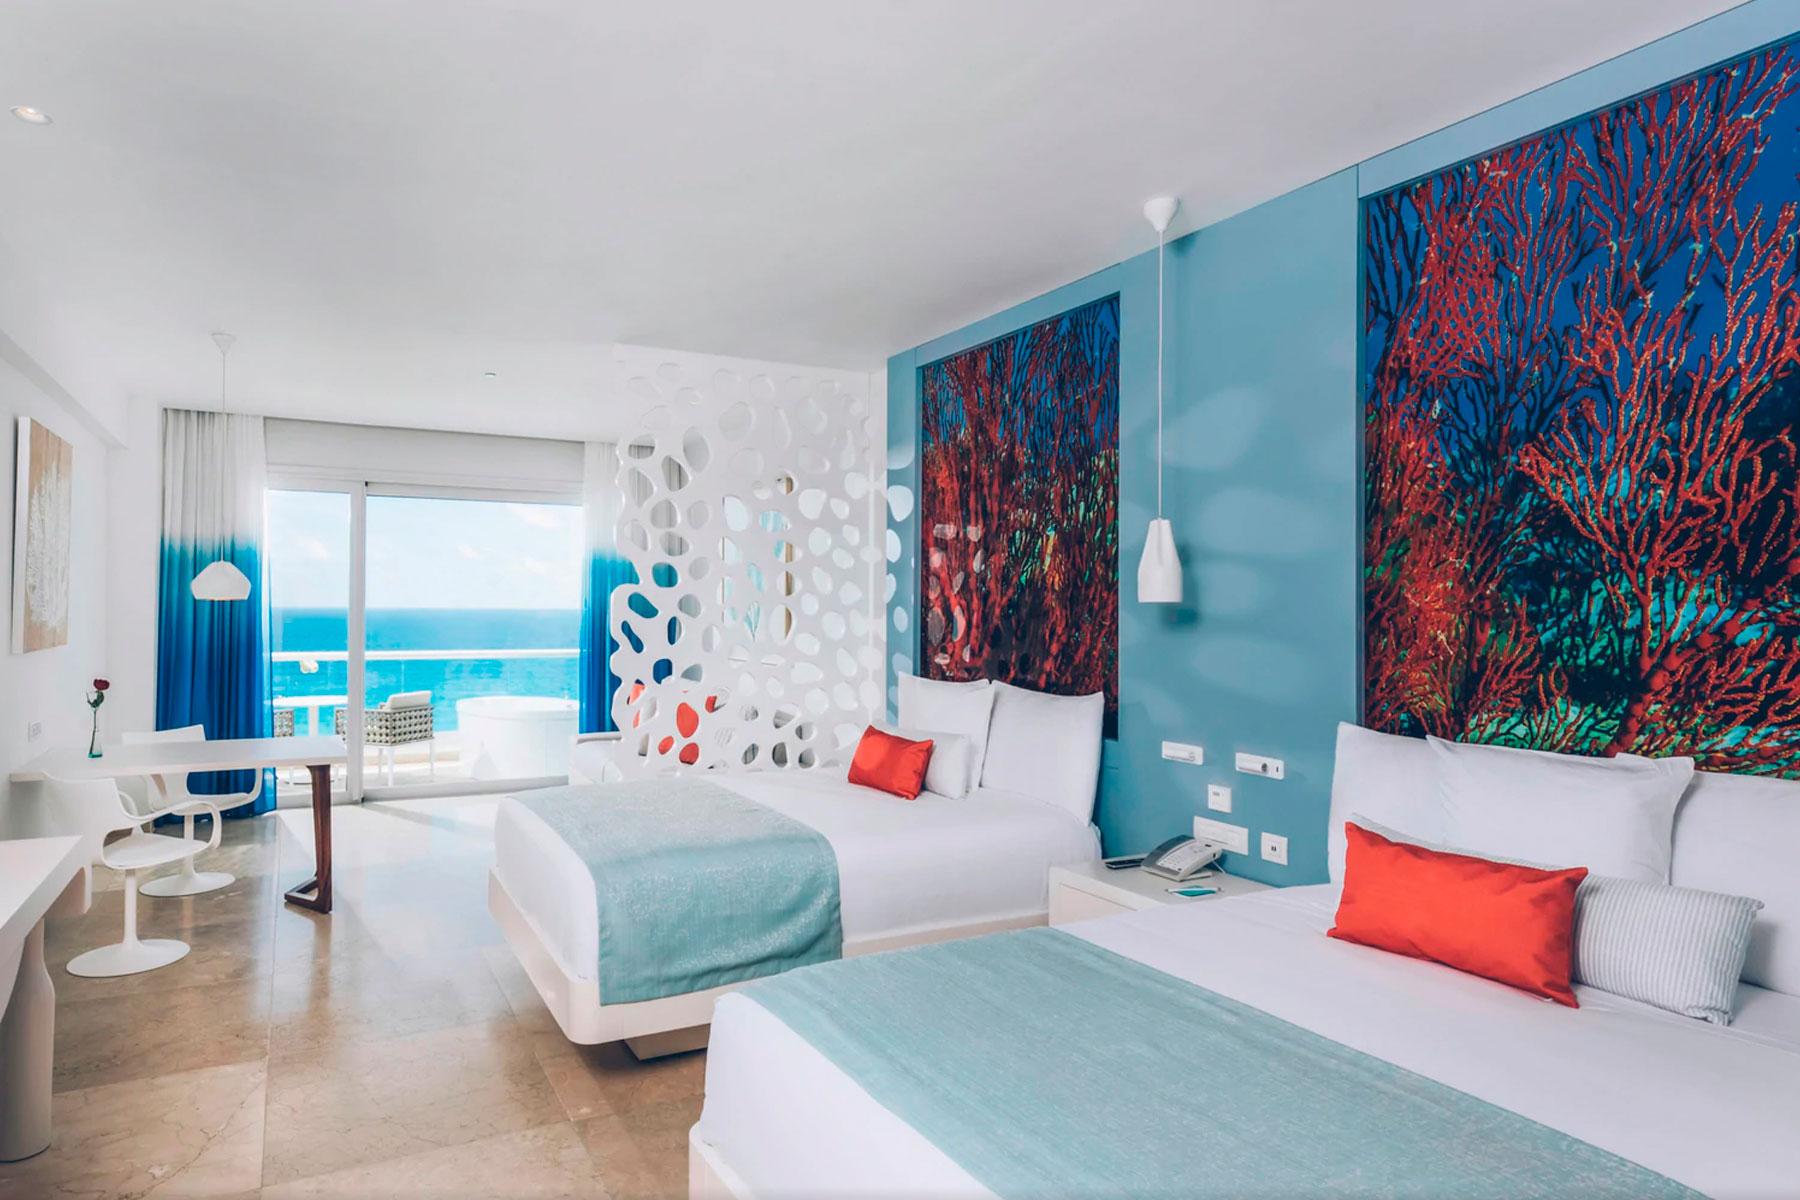 Participamos en la ampliación del Iberostar Cancún